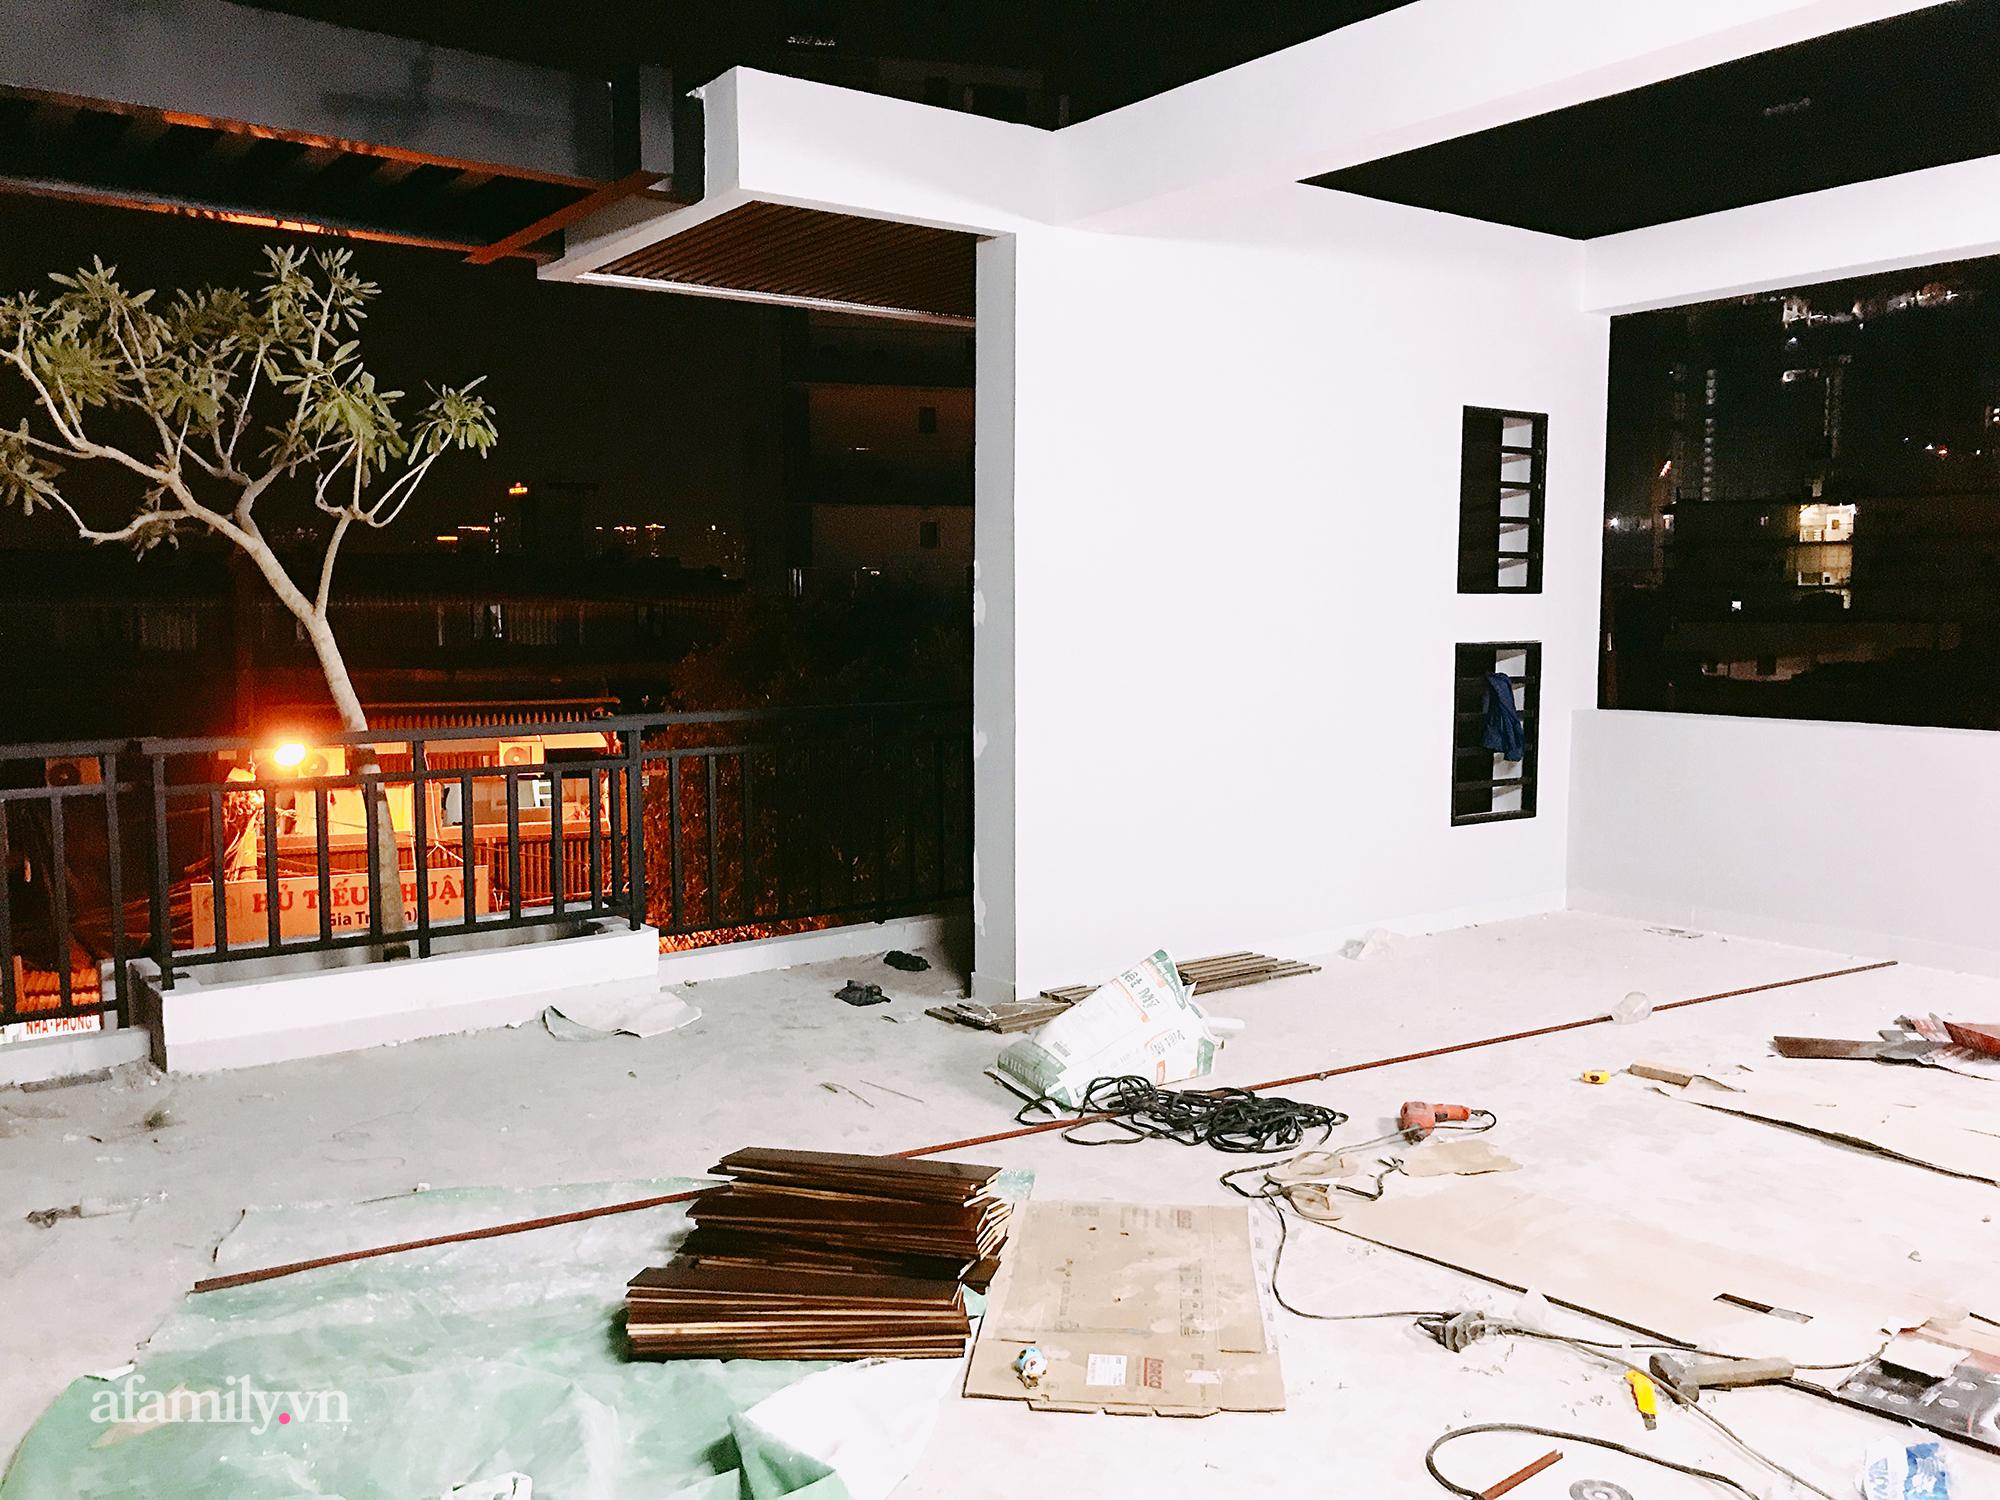 """Quá trình 2 năm phủ xanh căn nhà của một gia đình tại Sài Gòn: Dùng xe cẩu thả cả cây cao 8m từ nóc nhà tầng 3 xuống tầng trệt, biến sân thượng thành """"công viên"""" vì Covid - Ảnh 8."""